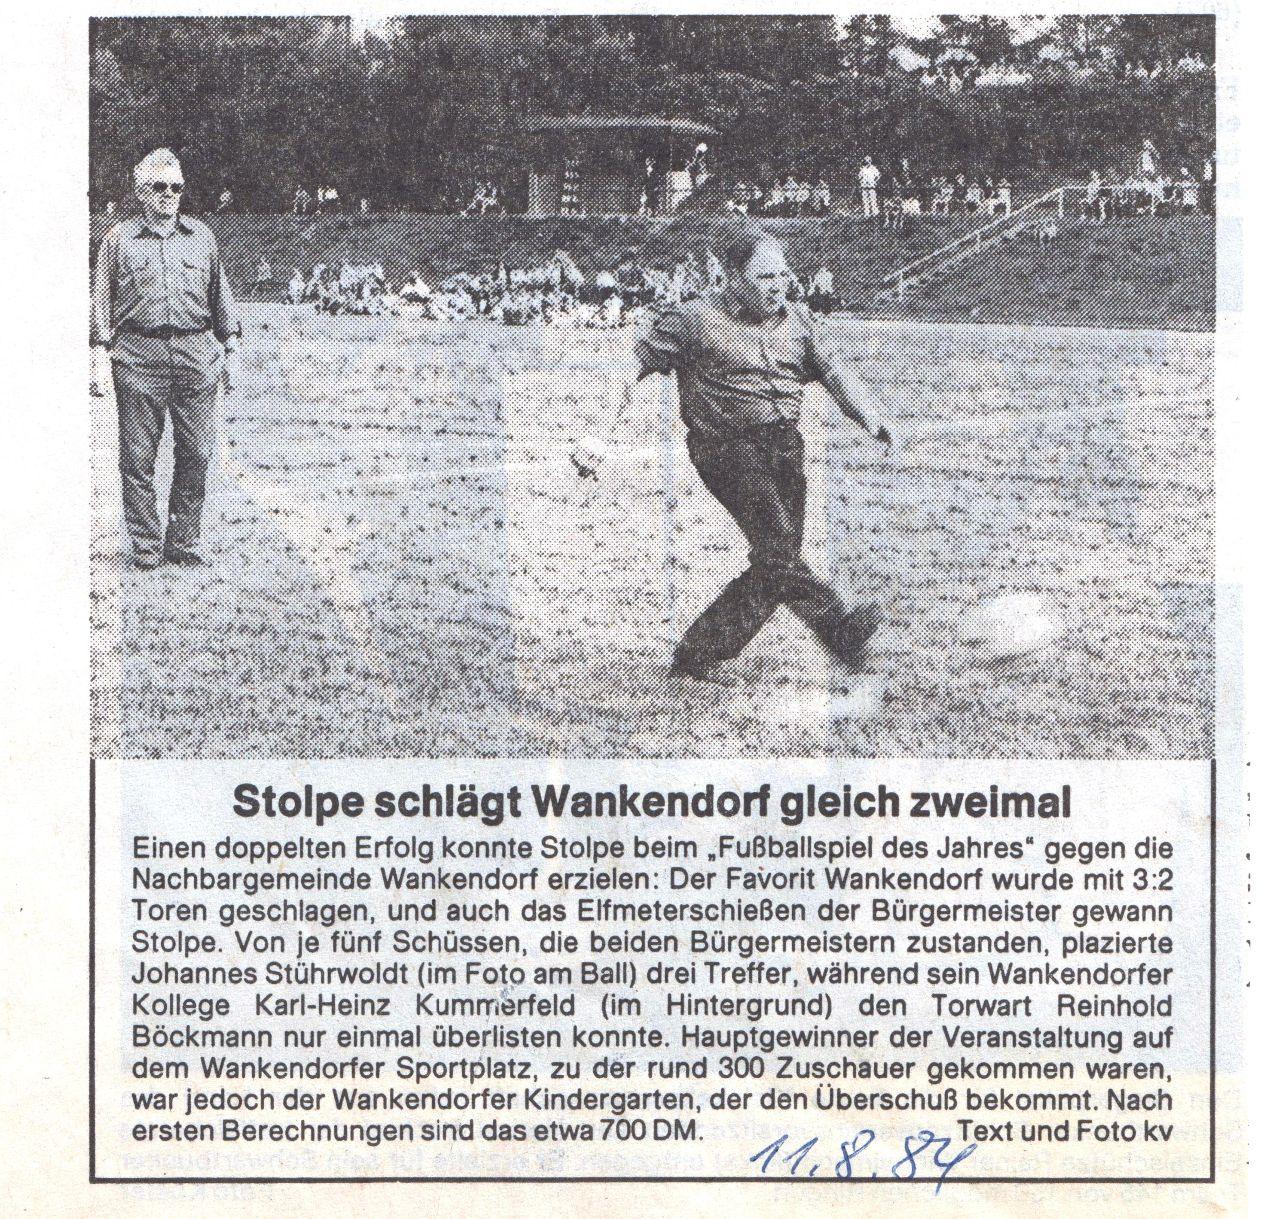 Fußballduell